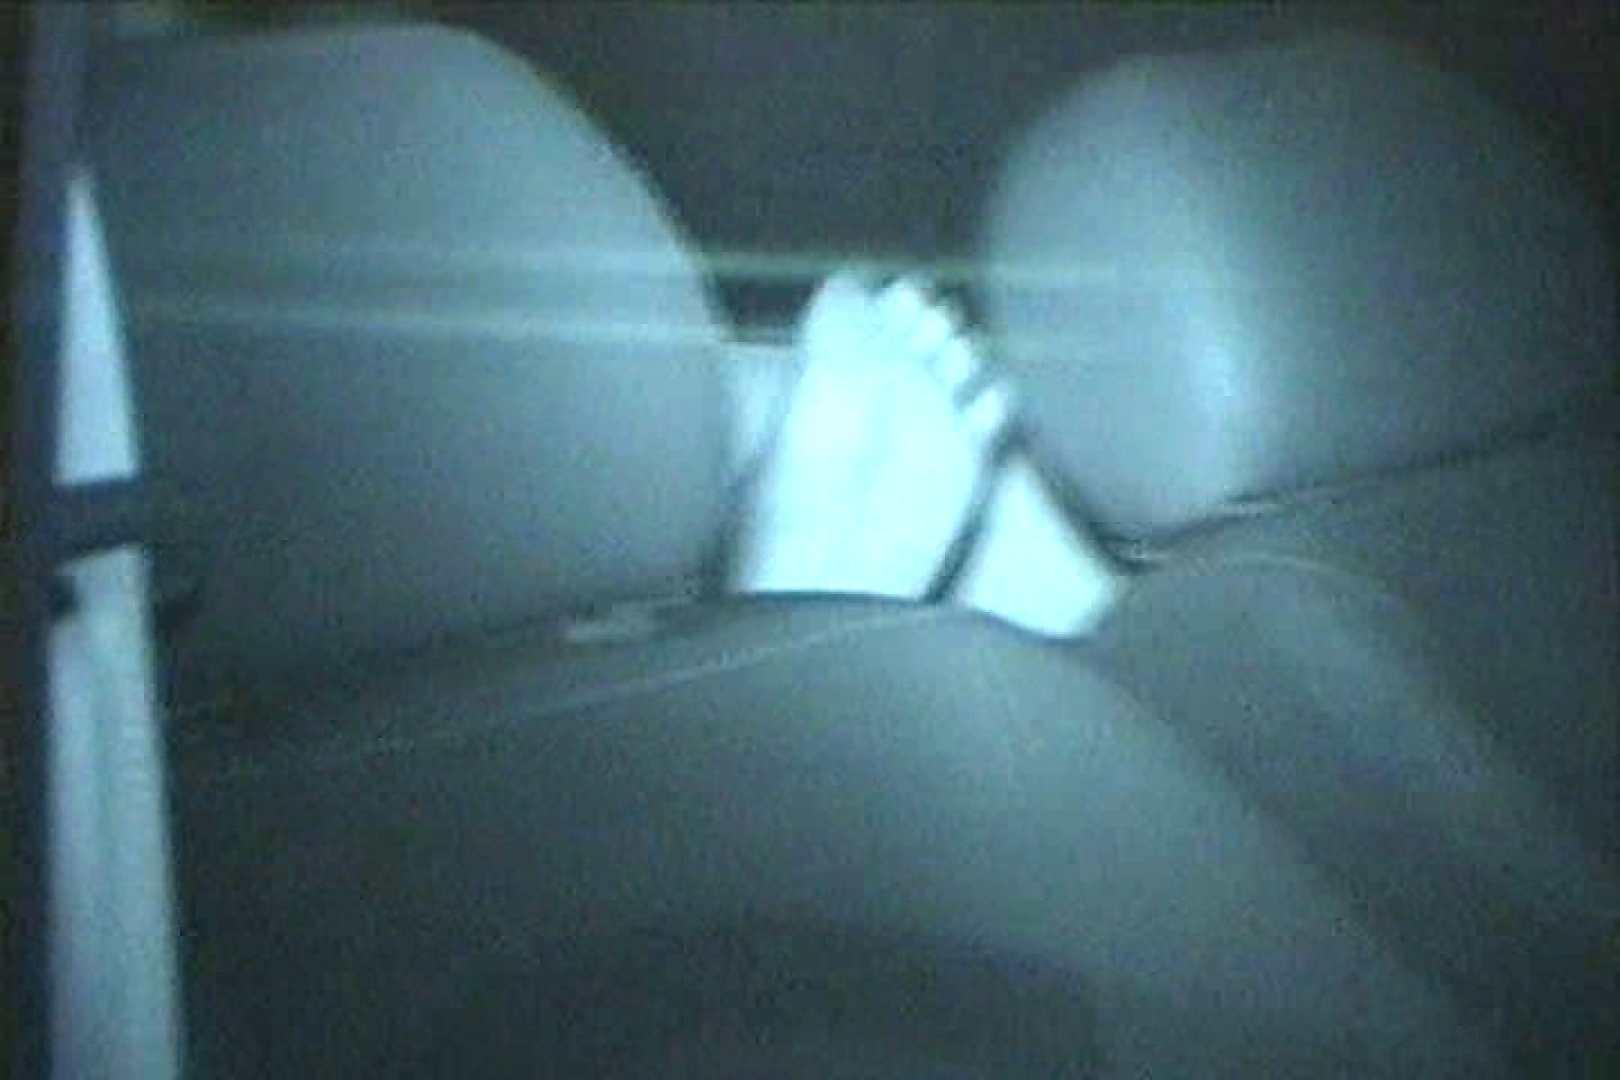 車の中はラブホテル 無修正版  Vol.24 ラブホテル 盗撮オメコ無修正動画無料 56pic 55